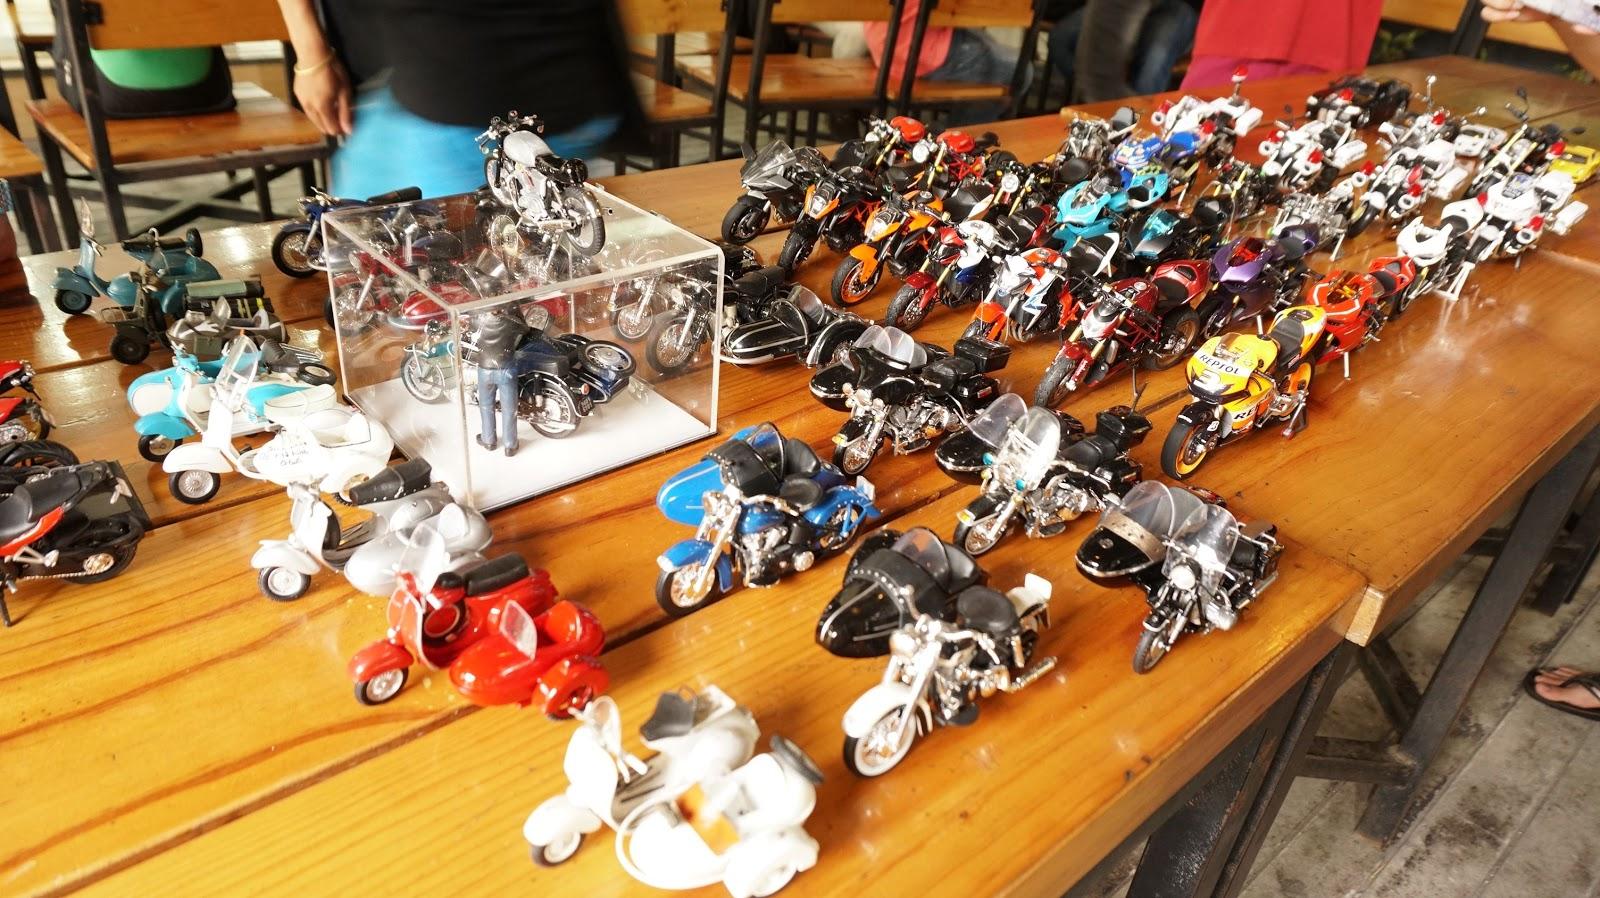 Dàn xe mô hình của các thành viên, đủ các thể loại, đủ các dòng xe